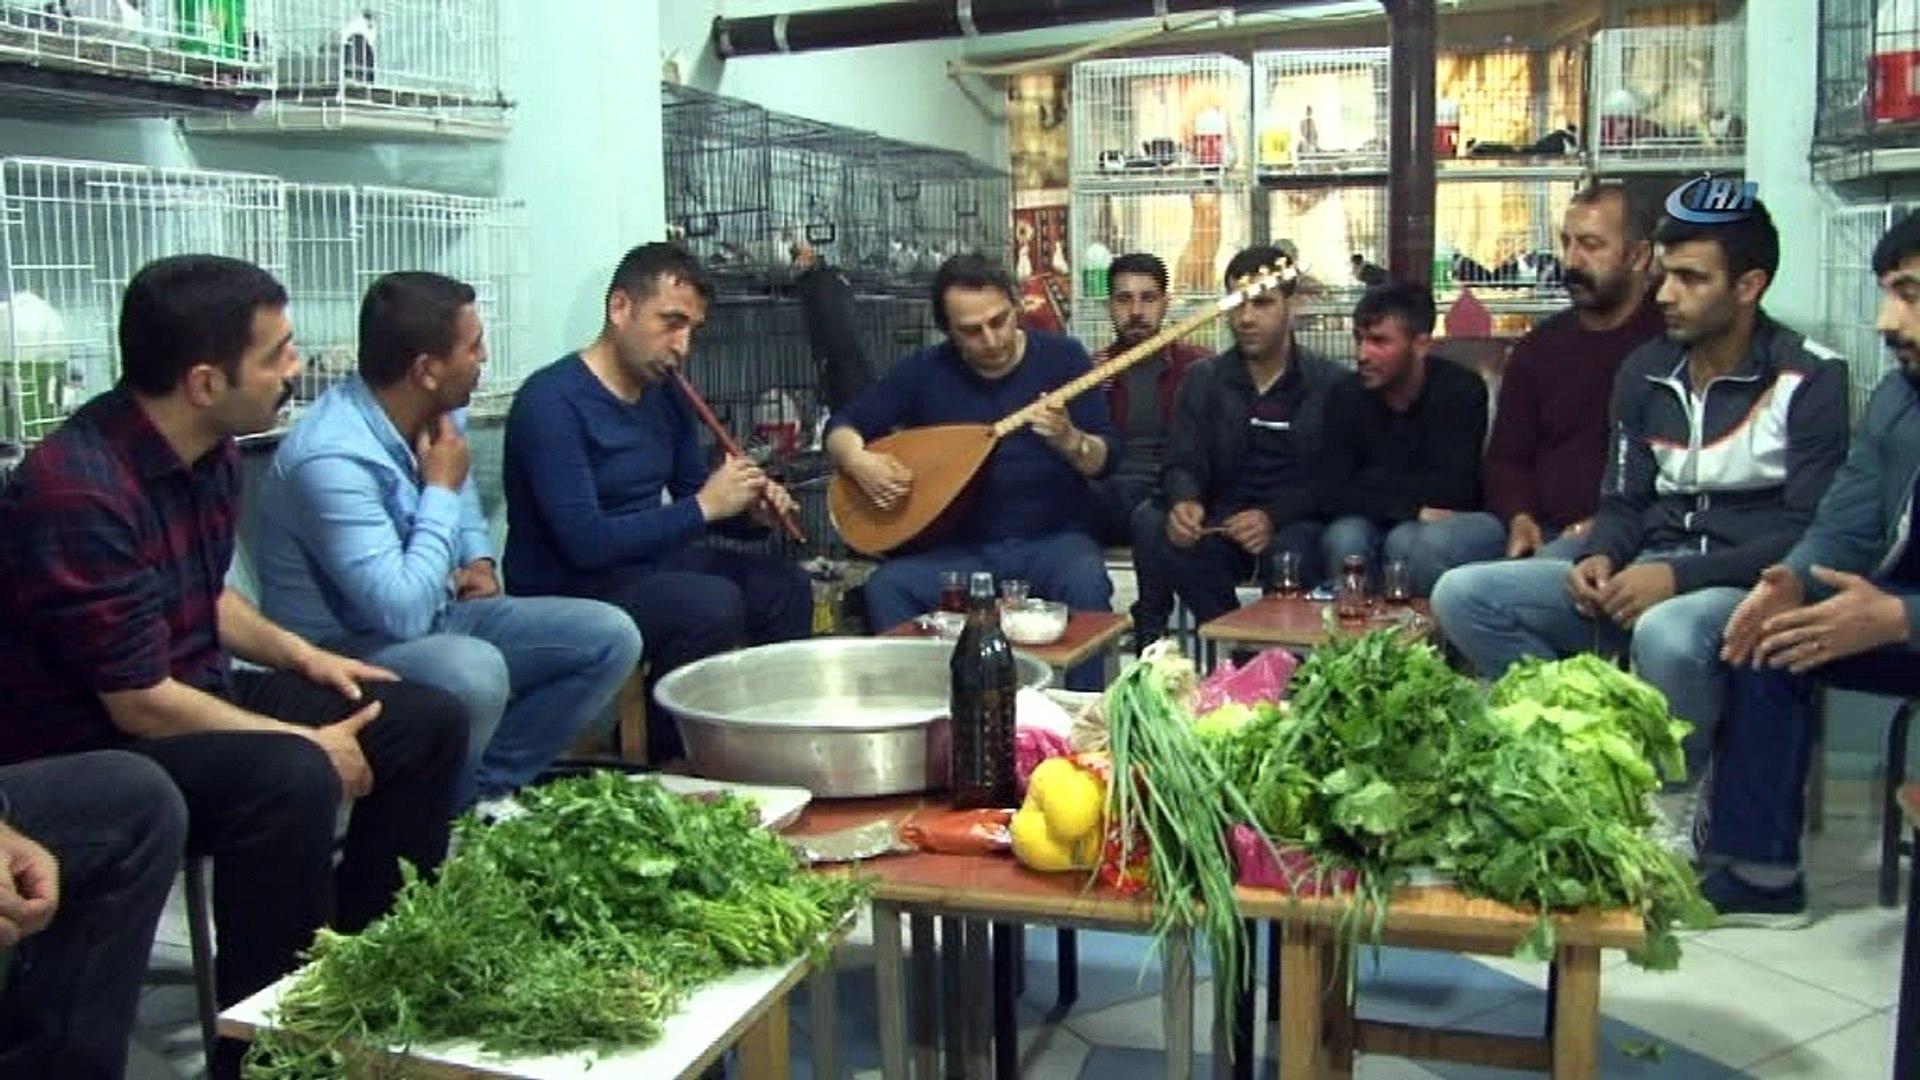 Diyarbakır'da güvercinler için sazlı sözlü çiğköfte partisi verildi